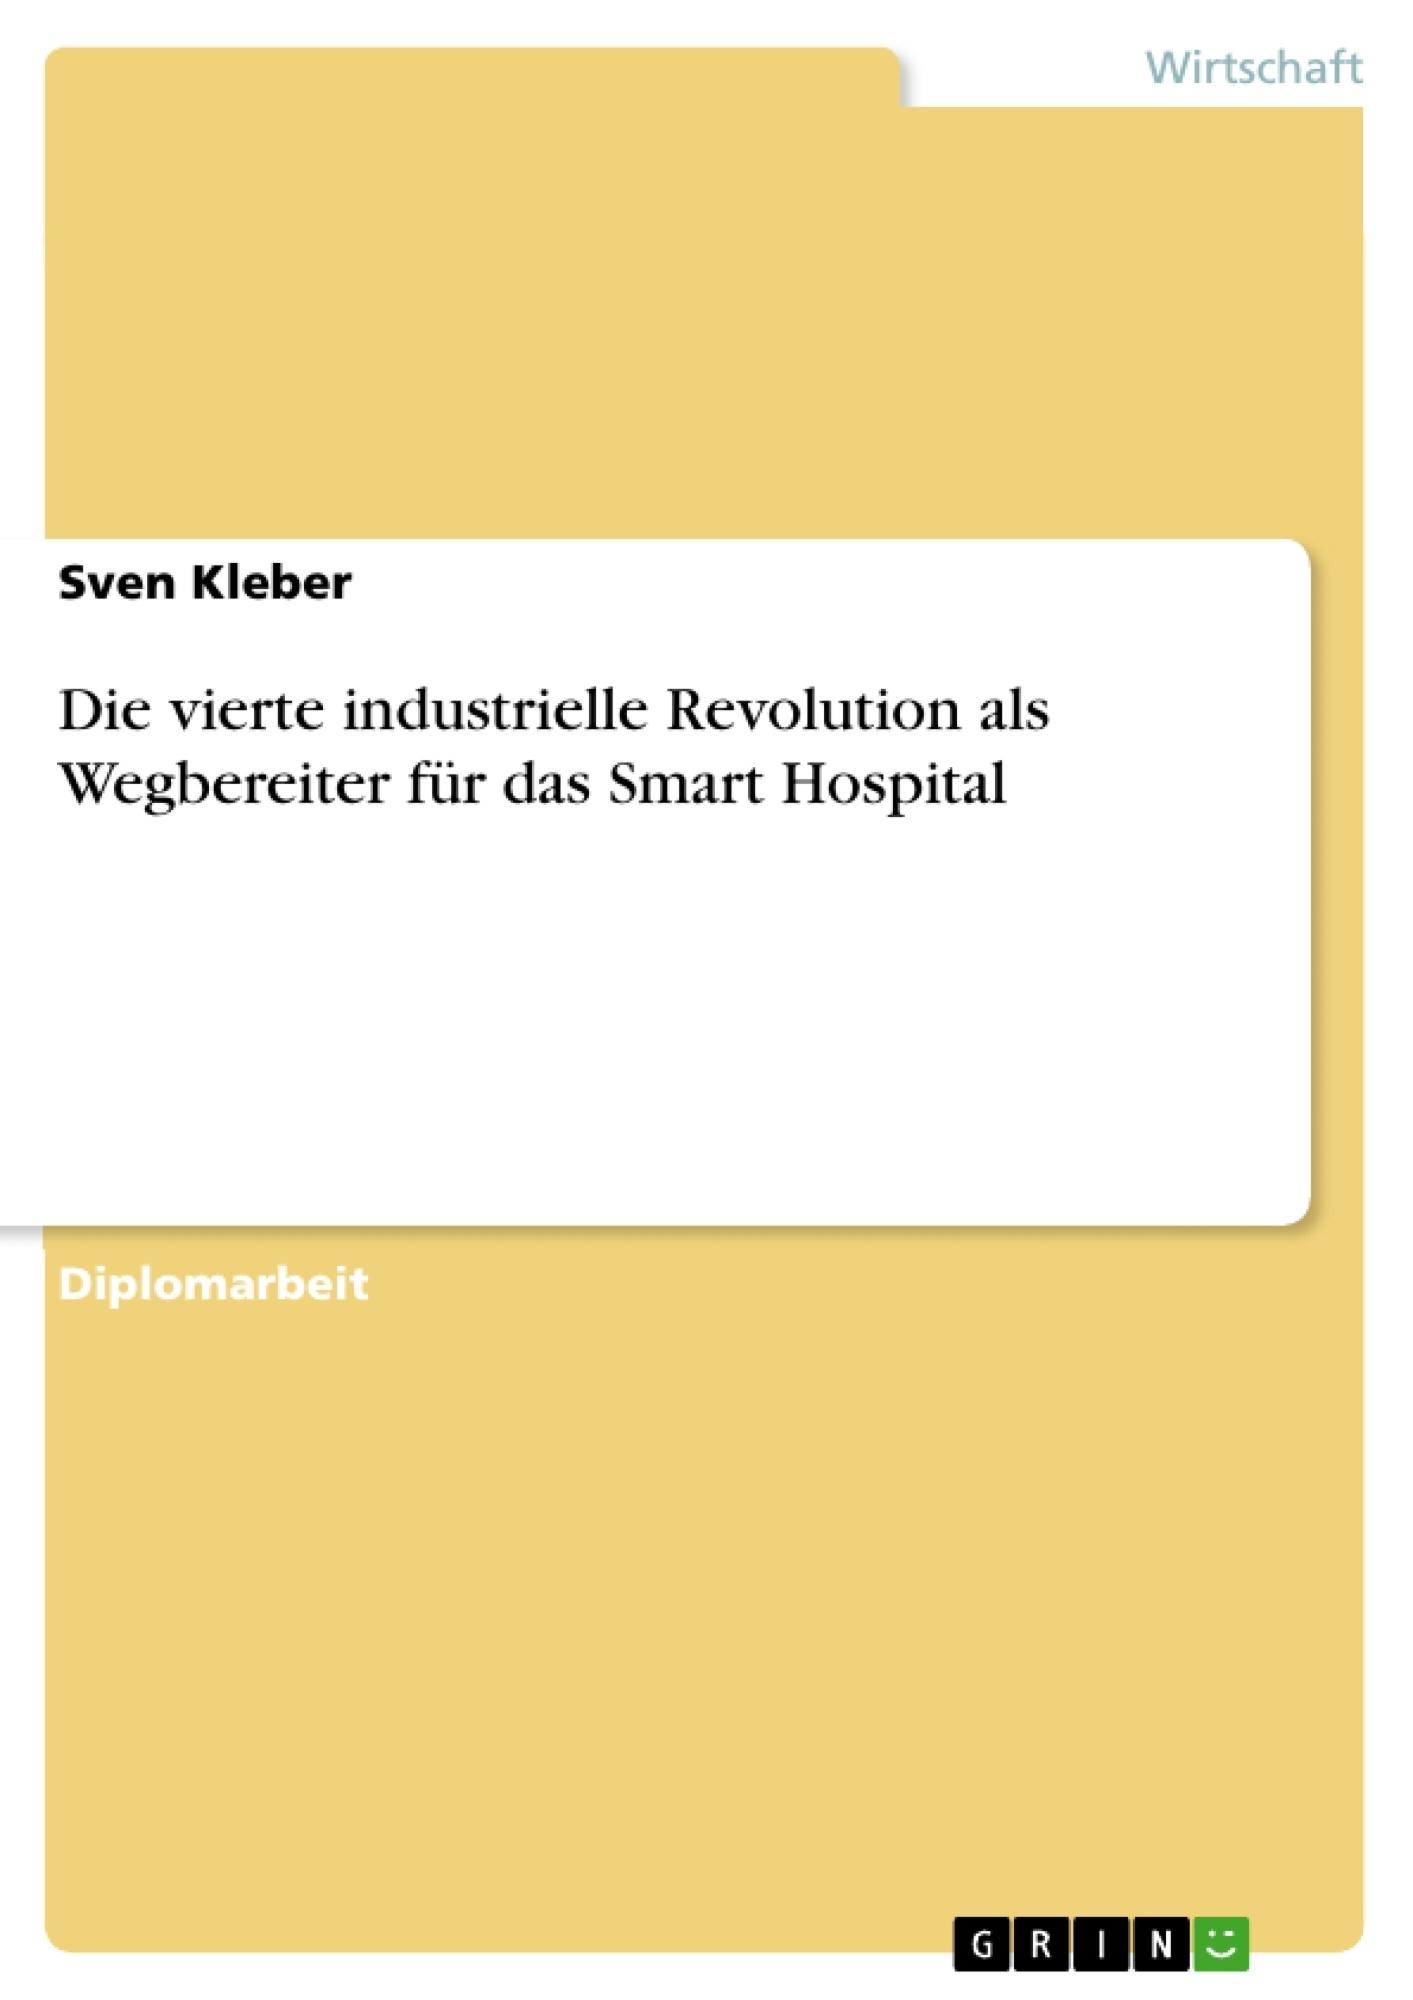 Titel: Die vierte industrielle Revolution als Wegbereiter für das Smart Hospital